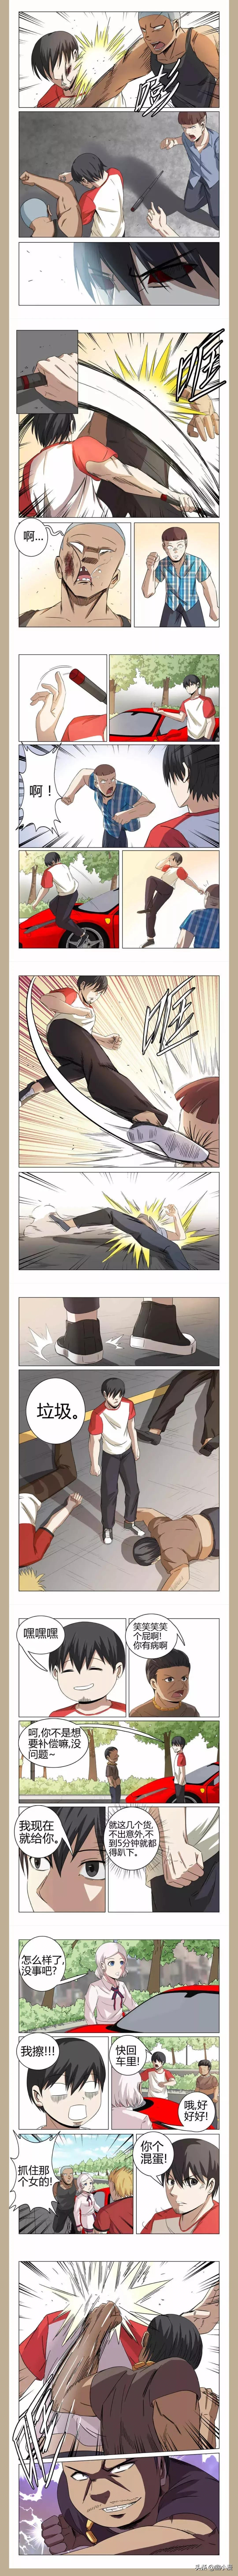 全彩漫画小说《超品透视》第44话-打架